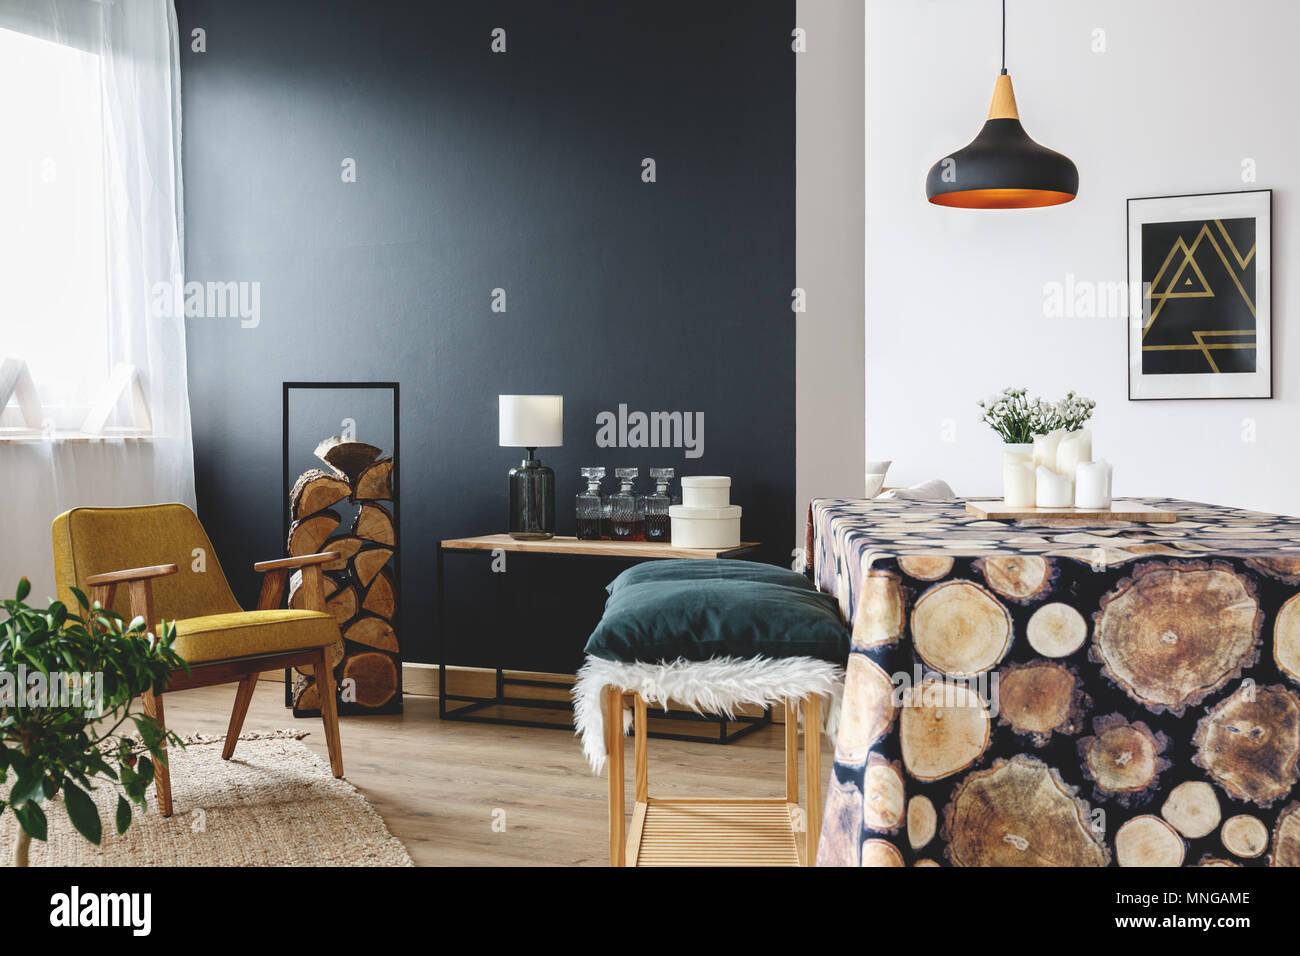 Decorazioni In Legno Per La Casa : Casa rustico idea di decorazione per accogliente appartamento con